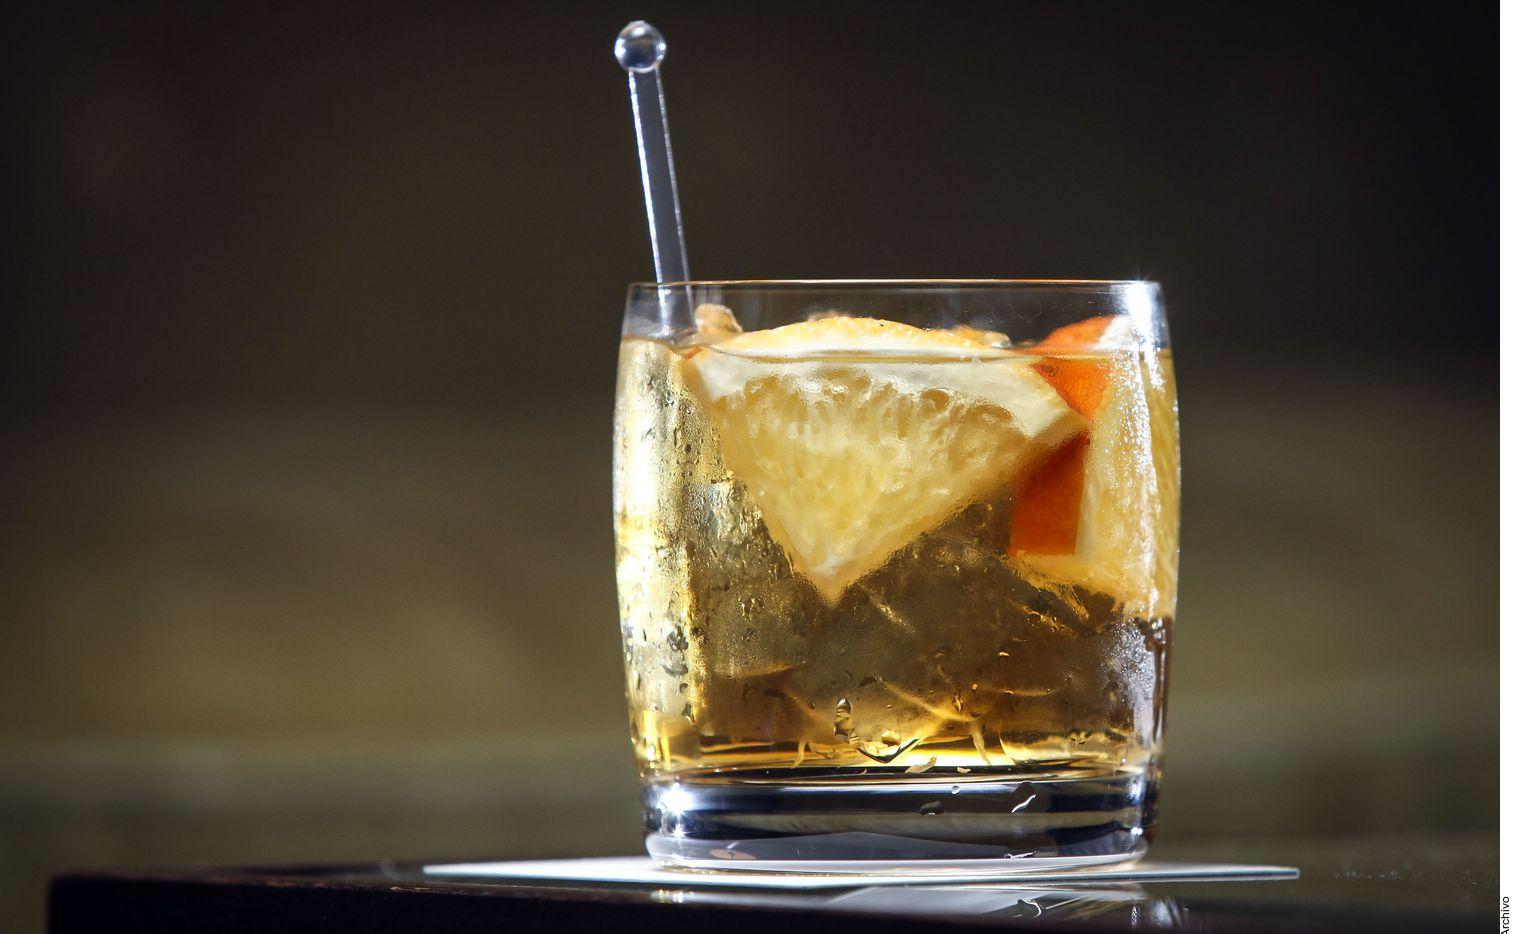 La venta, compra y consumo de alcohol es ilegal en Arabia Saudita. Tampoco se puede ingresar con bebidas alcohólicas al país.